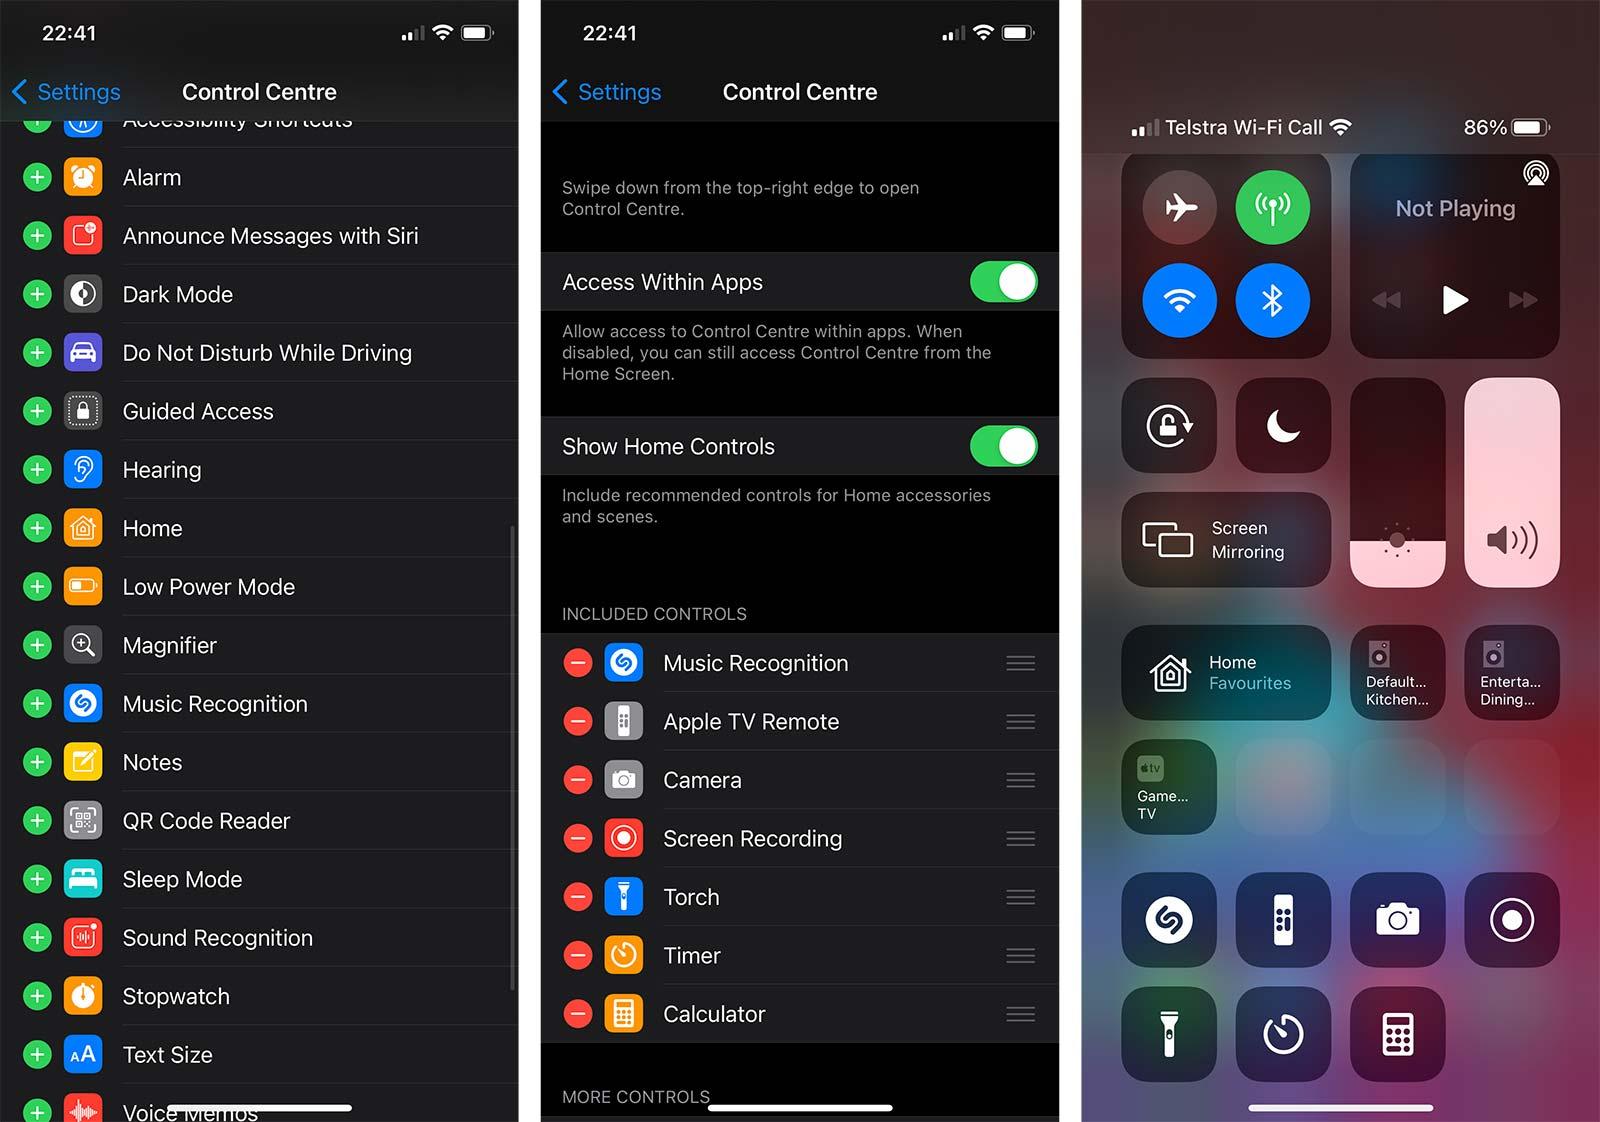 Adding Shazam on iOS 14.2